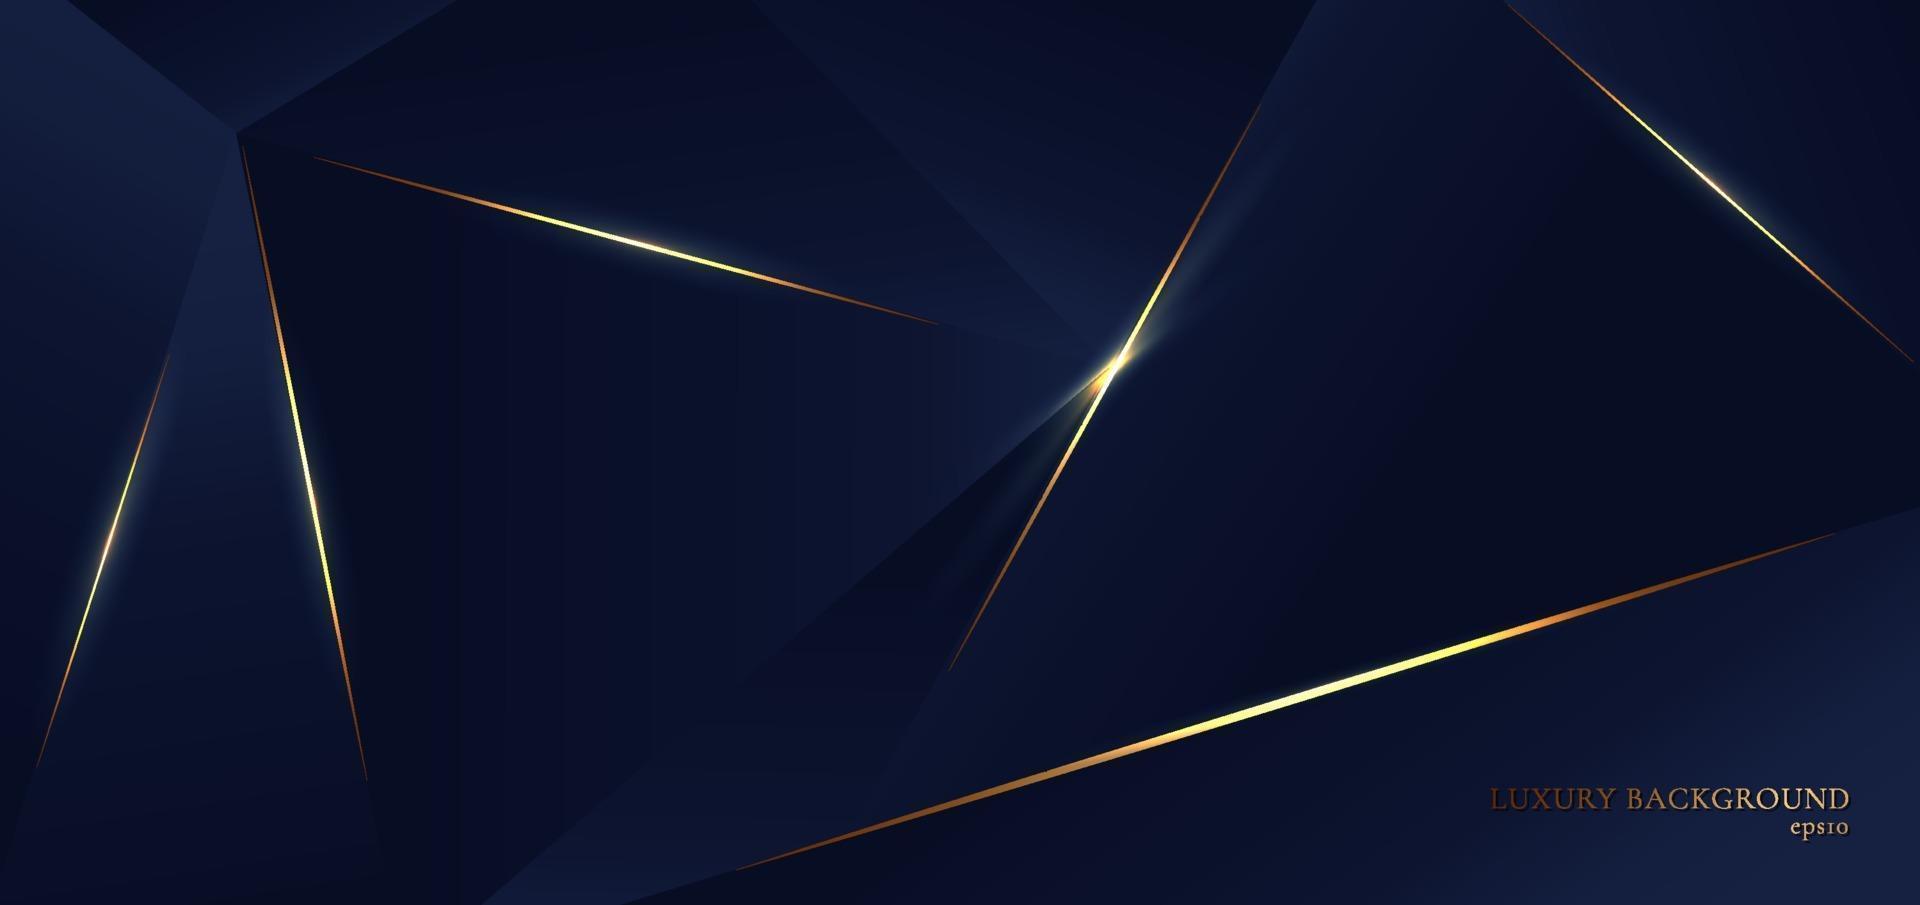 forme astratte triangolo blu poligono. pattern di sfondo con linea dorata ed effetto luminoso, stile di lusso. vettore